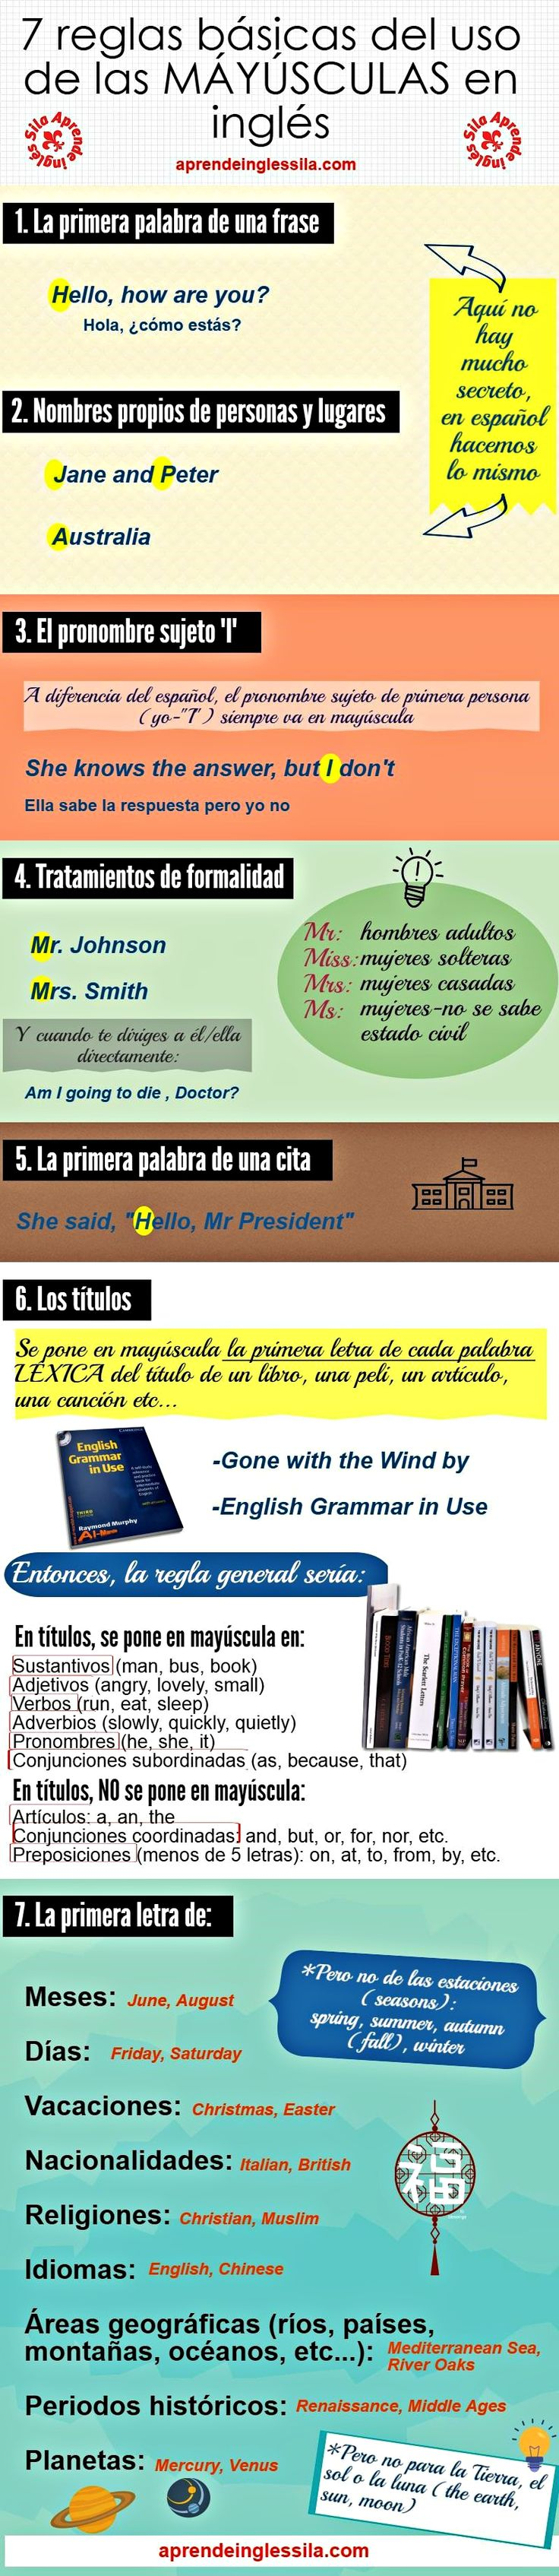 mayúsculas en inglés